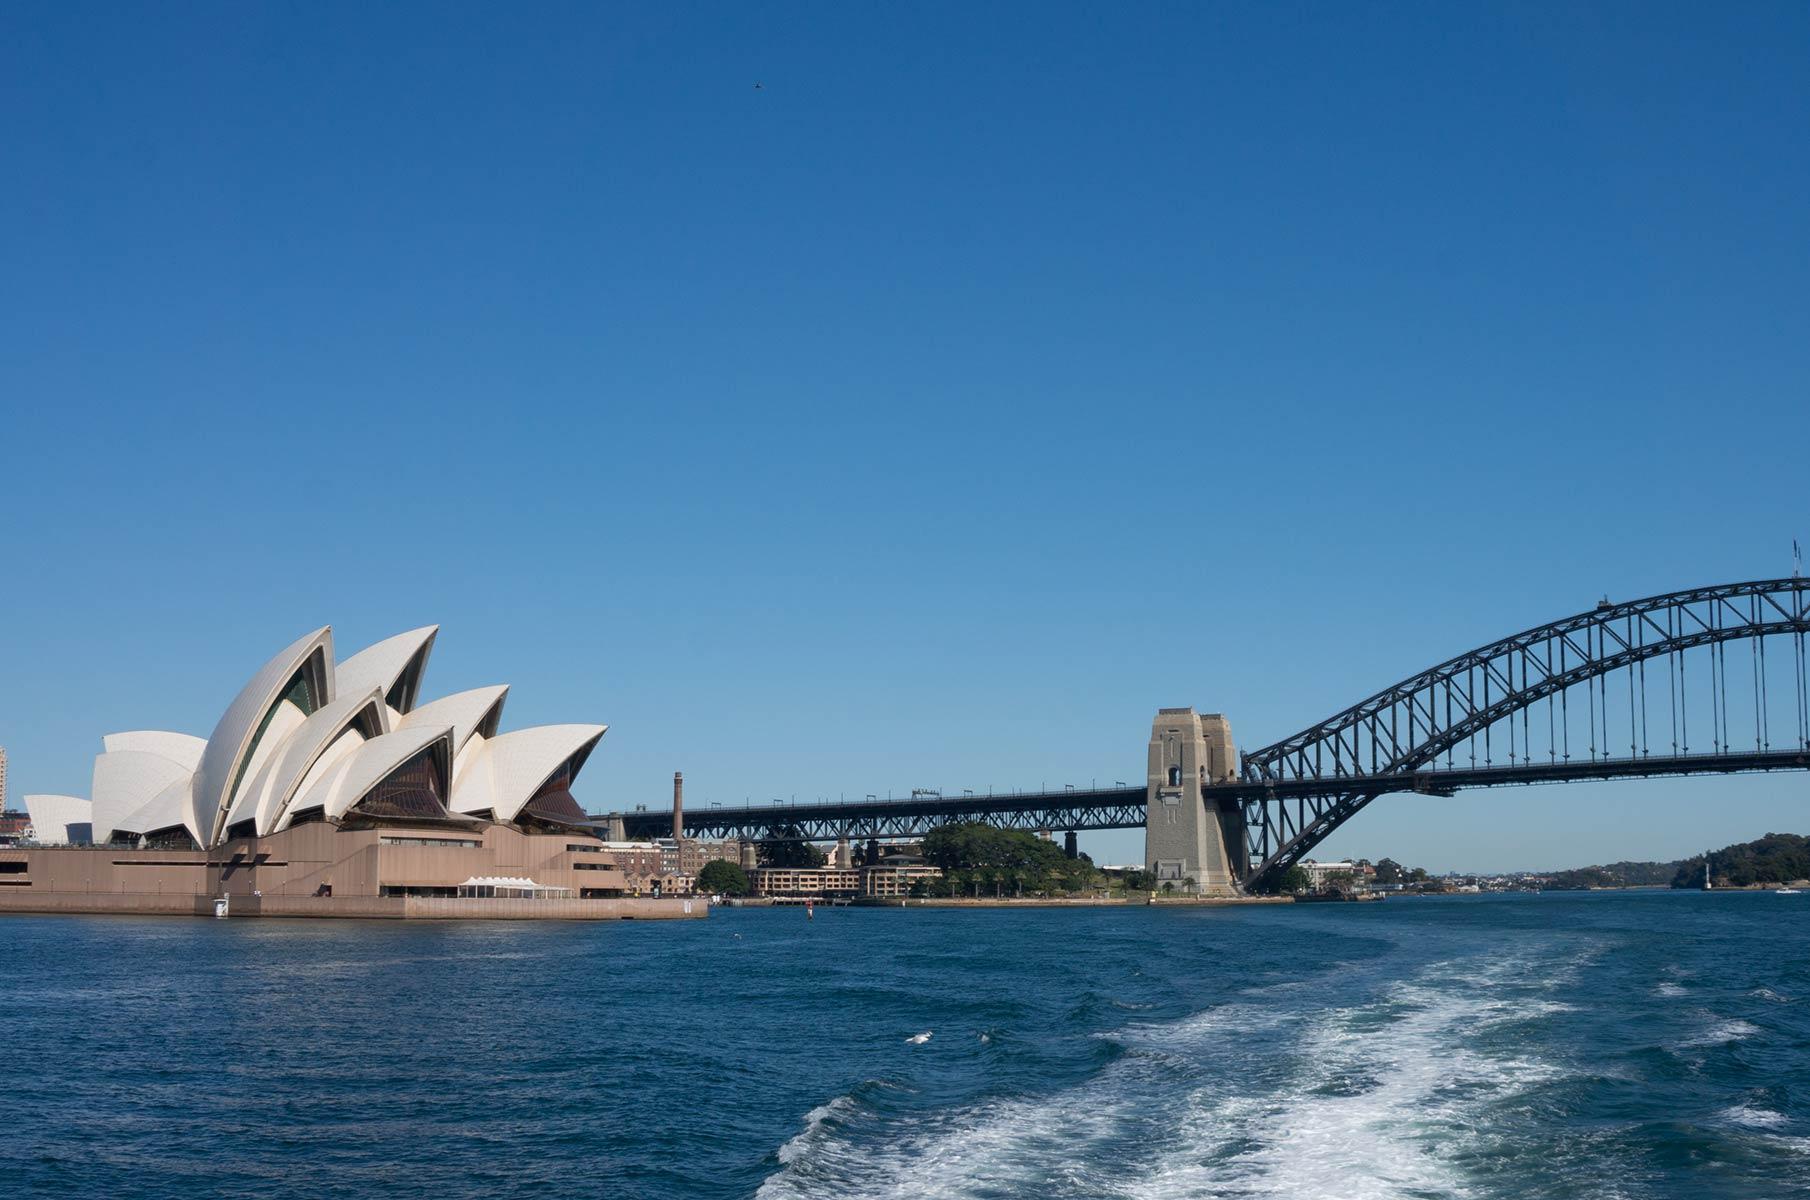 Fahrt mit dem Boot aus dem Hafen von Sydney, Australien